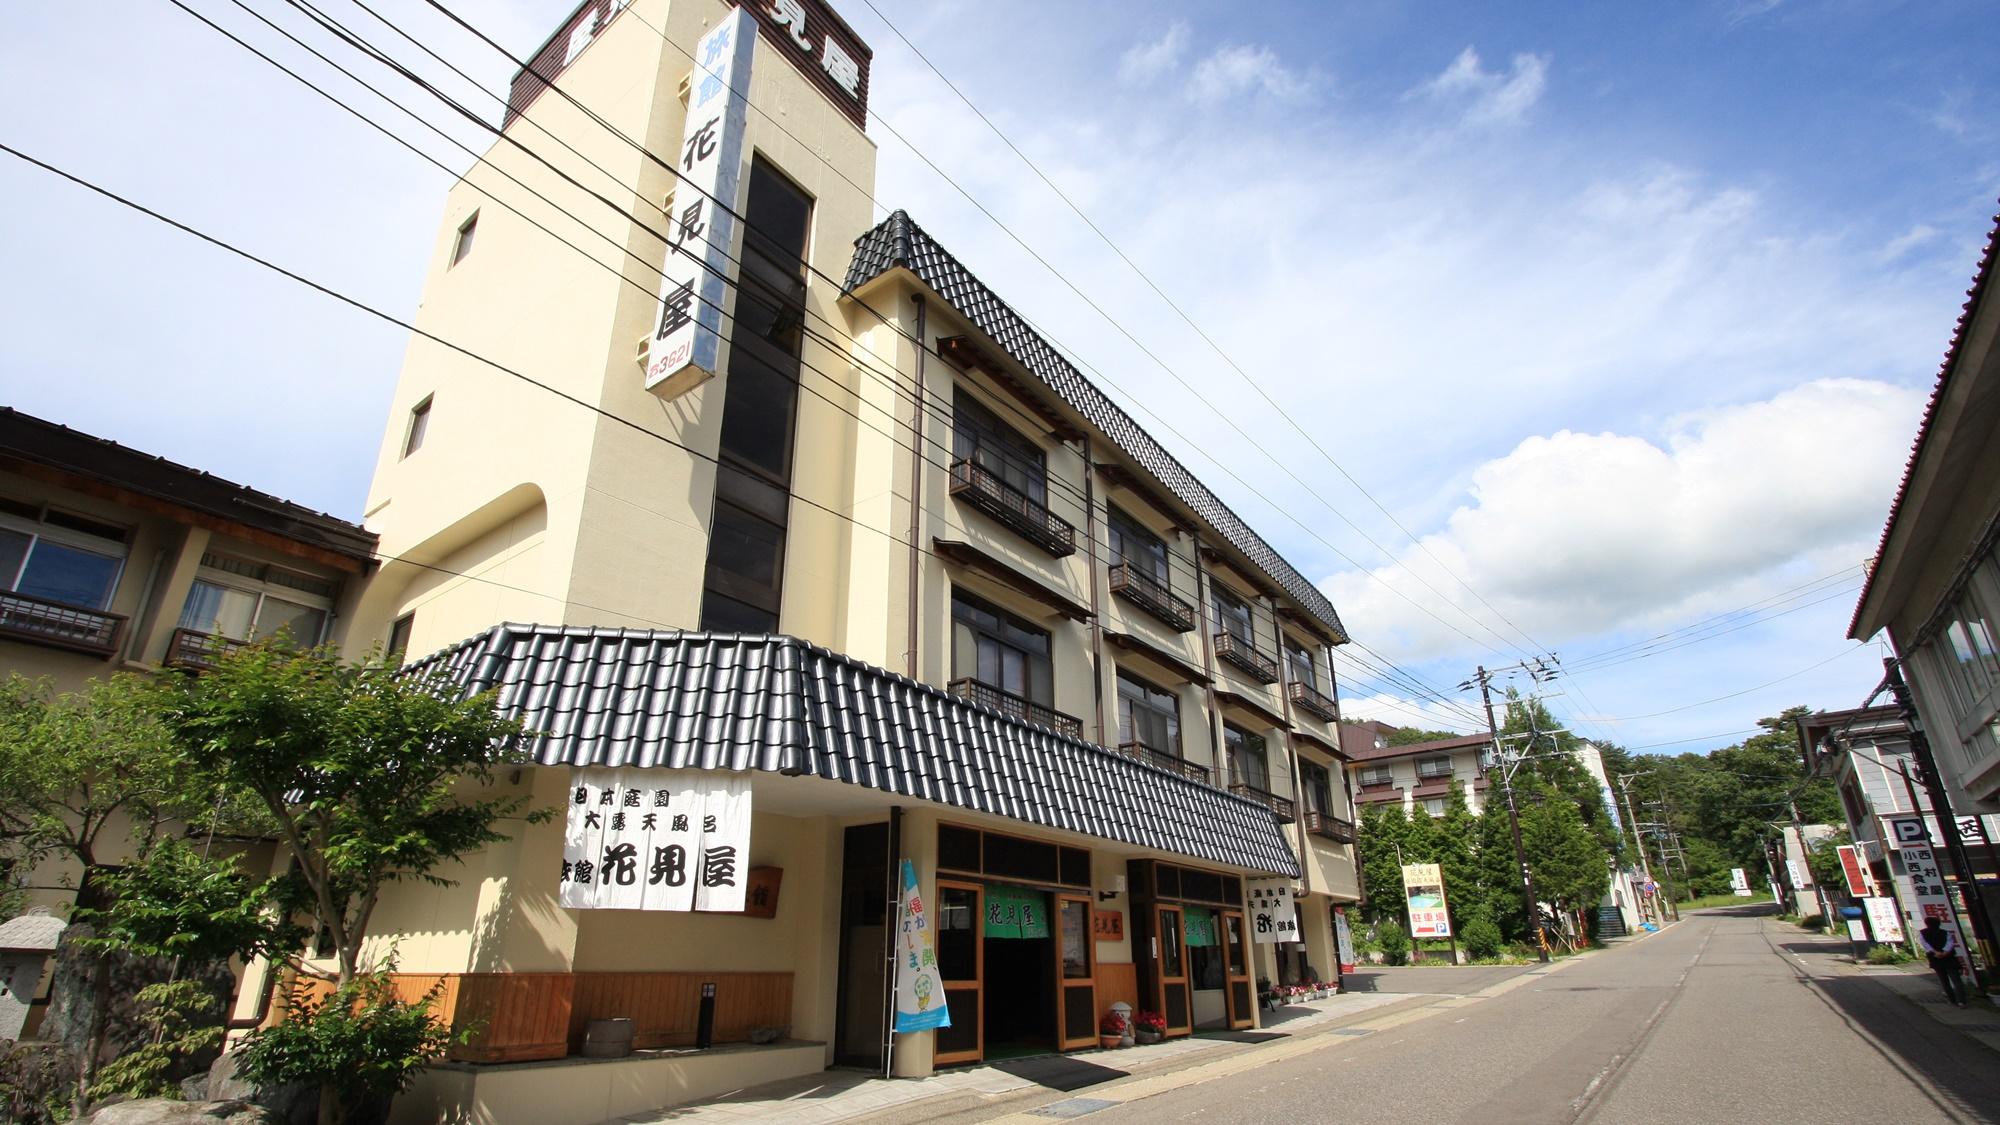 花見屋 旅館◆楽天トラベル